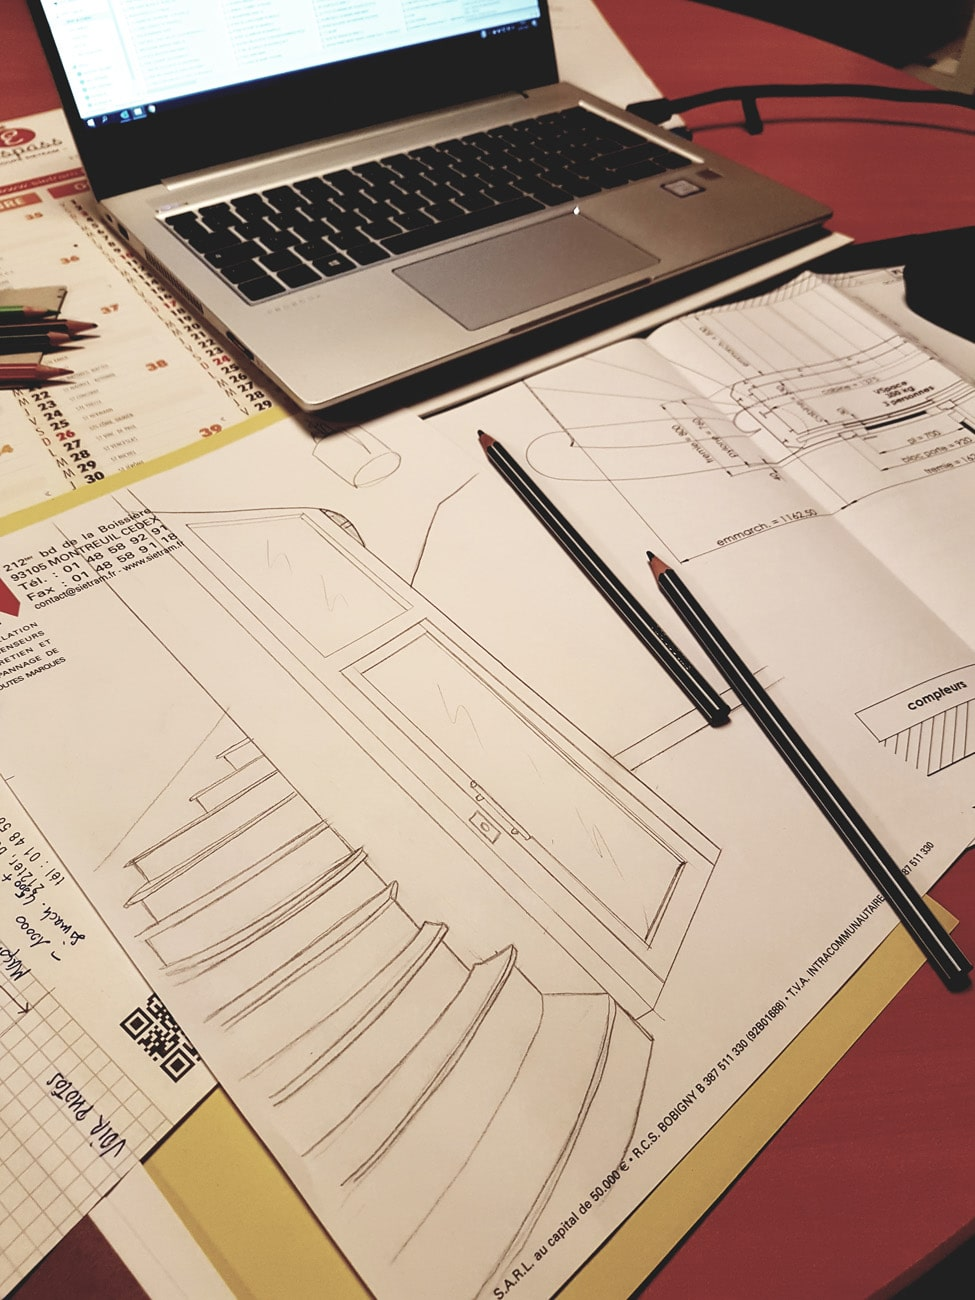 Bureau d'étude conception